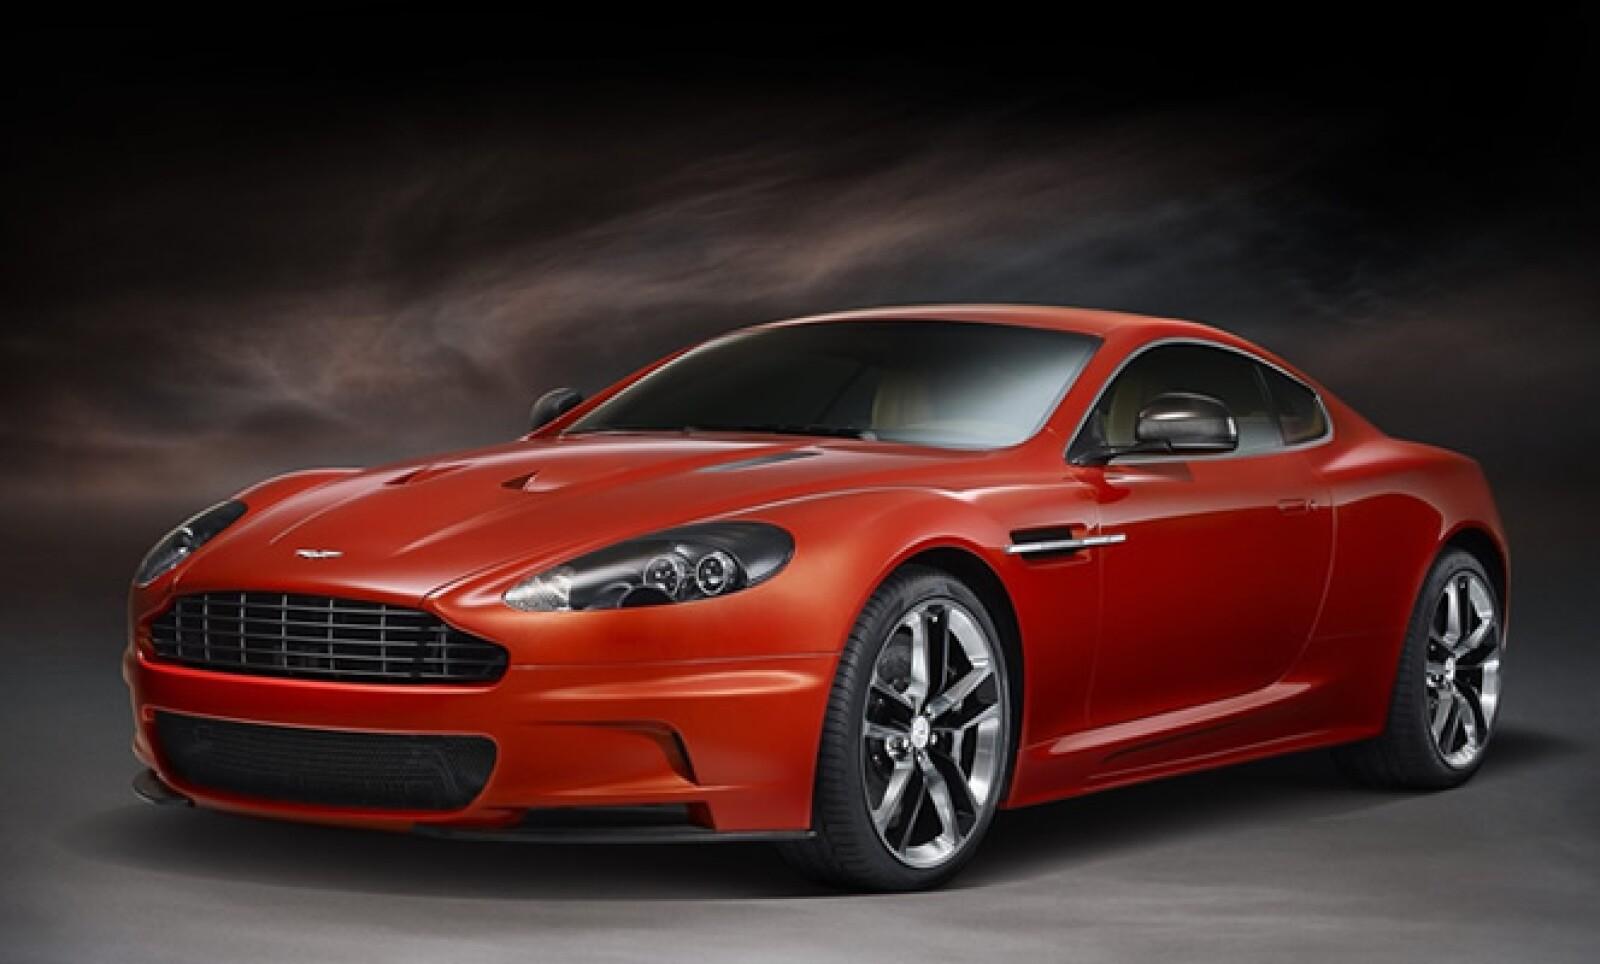 Con un precio cercano a 3.5 millones de pesos, la firma inglesa introdujo una edición especial de su modelo DBS, la cual está disponible en colores naranja y negro.